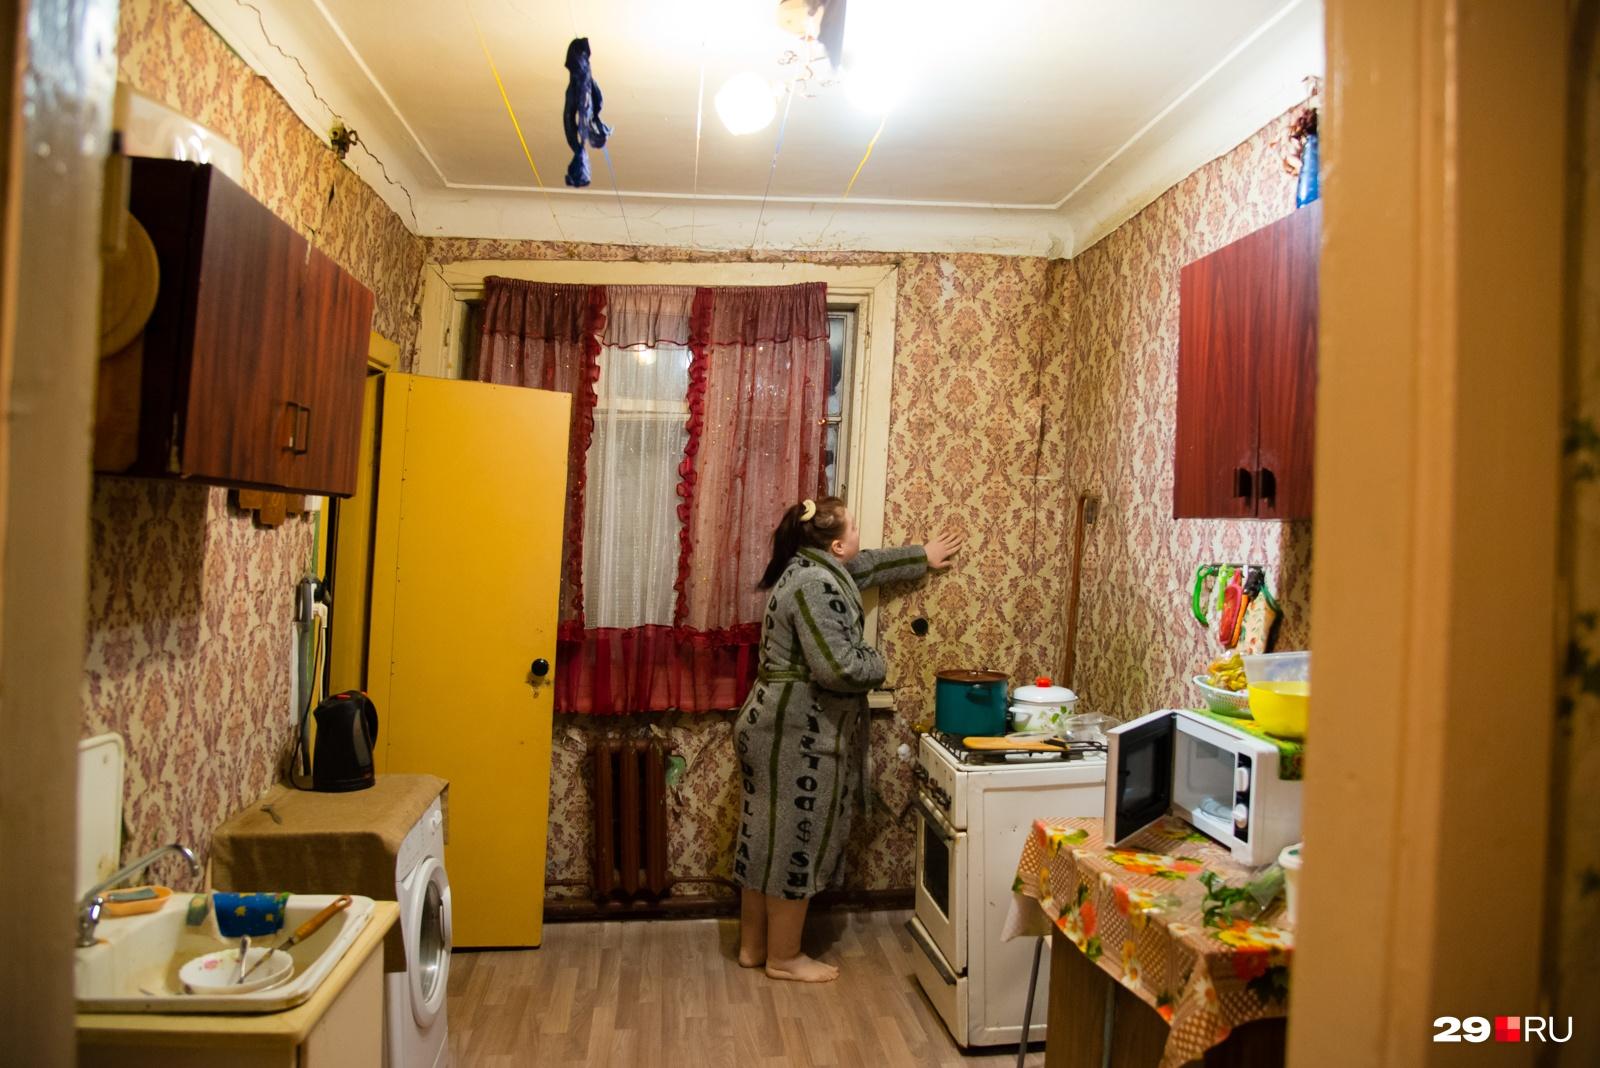 Анна говорит, что дом постоянно трещит, — «ощущение, что каждый день кто-то бьет по стенам». Из-за влажности разрушения появляются не только в подъезде, но уже и в квартире